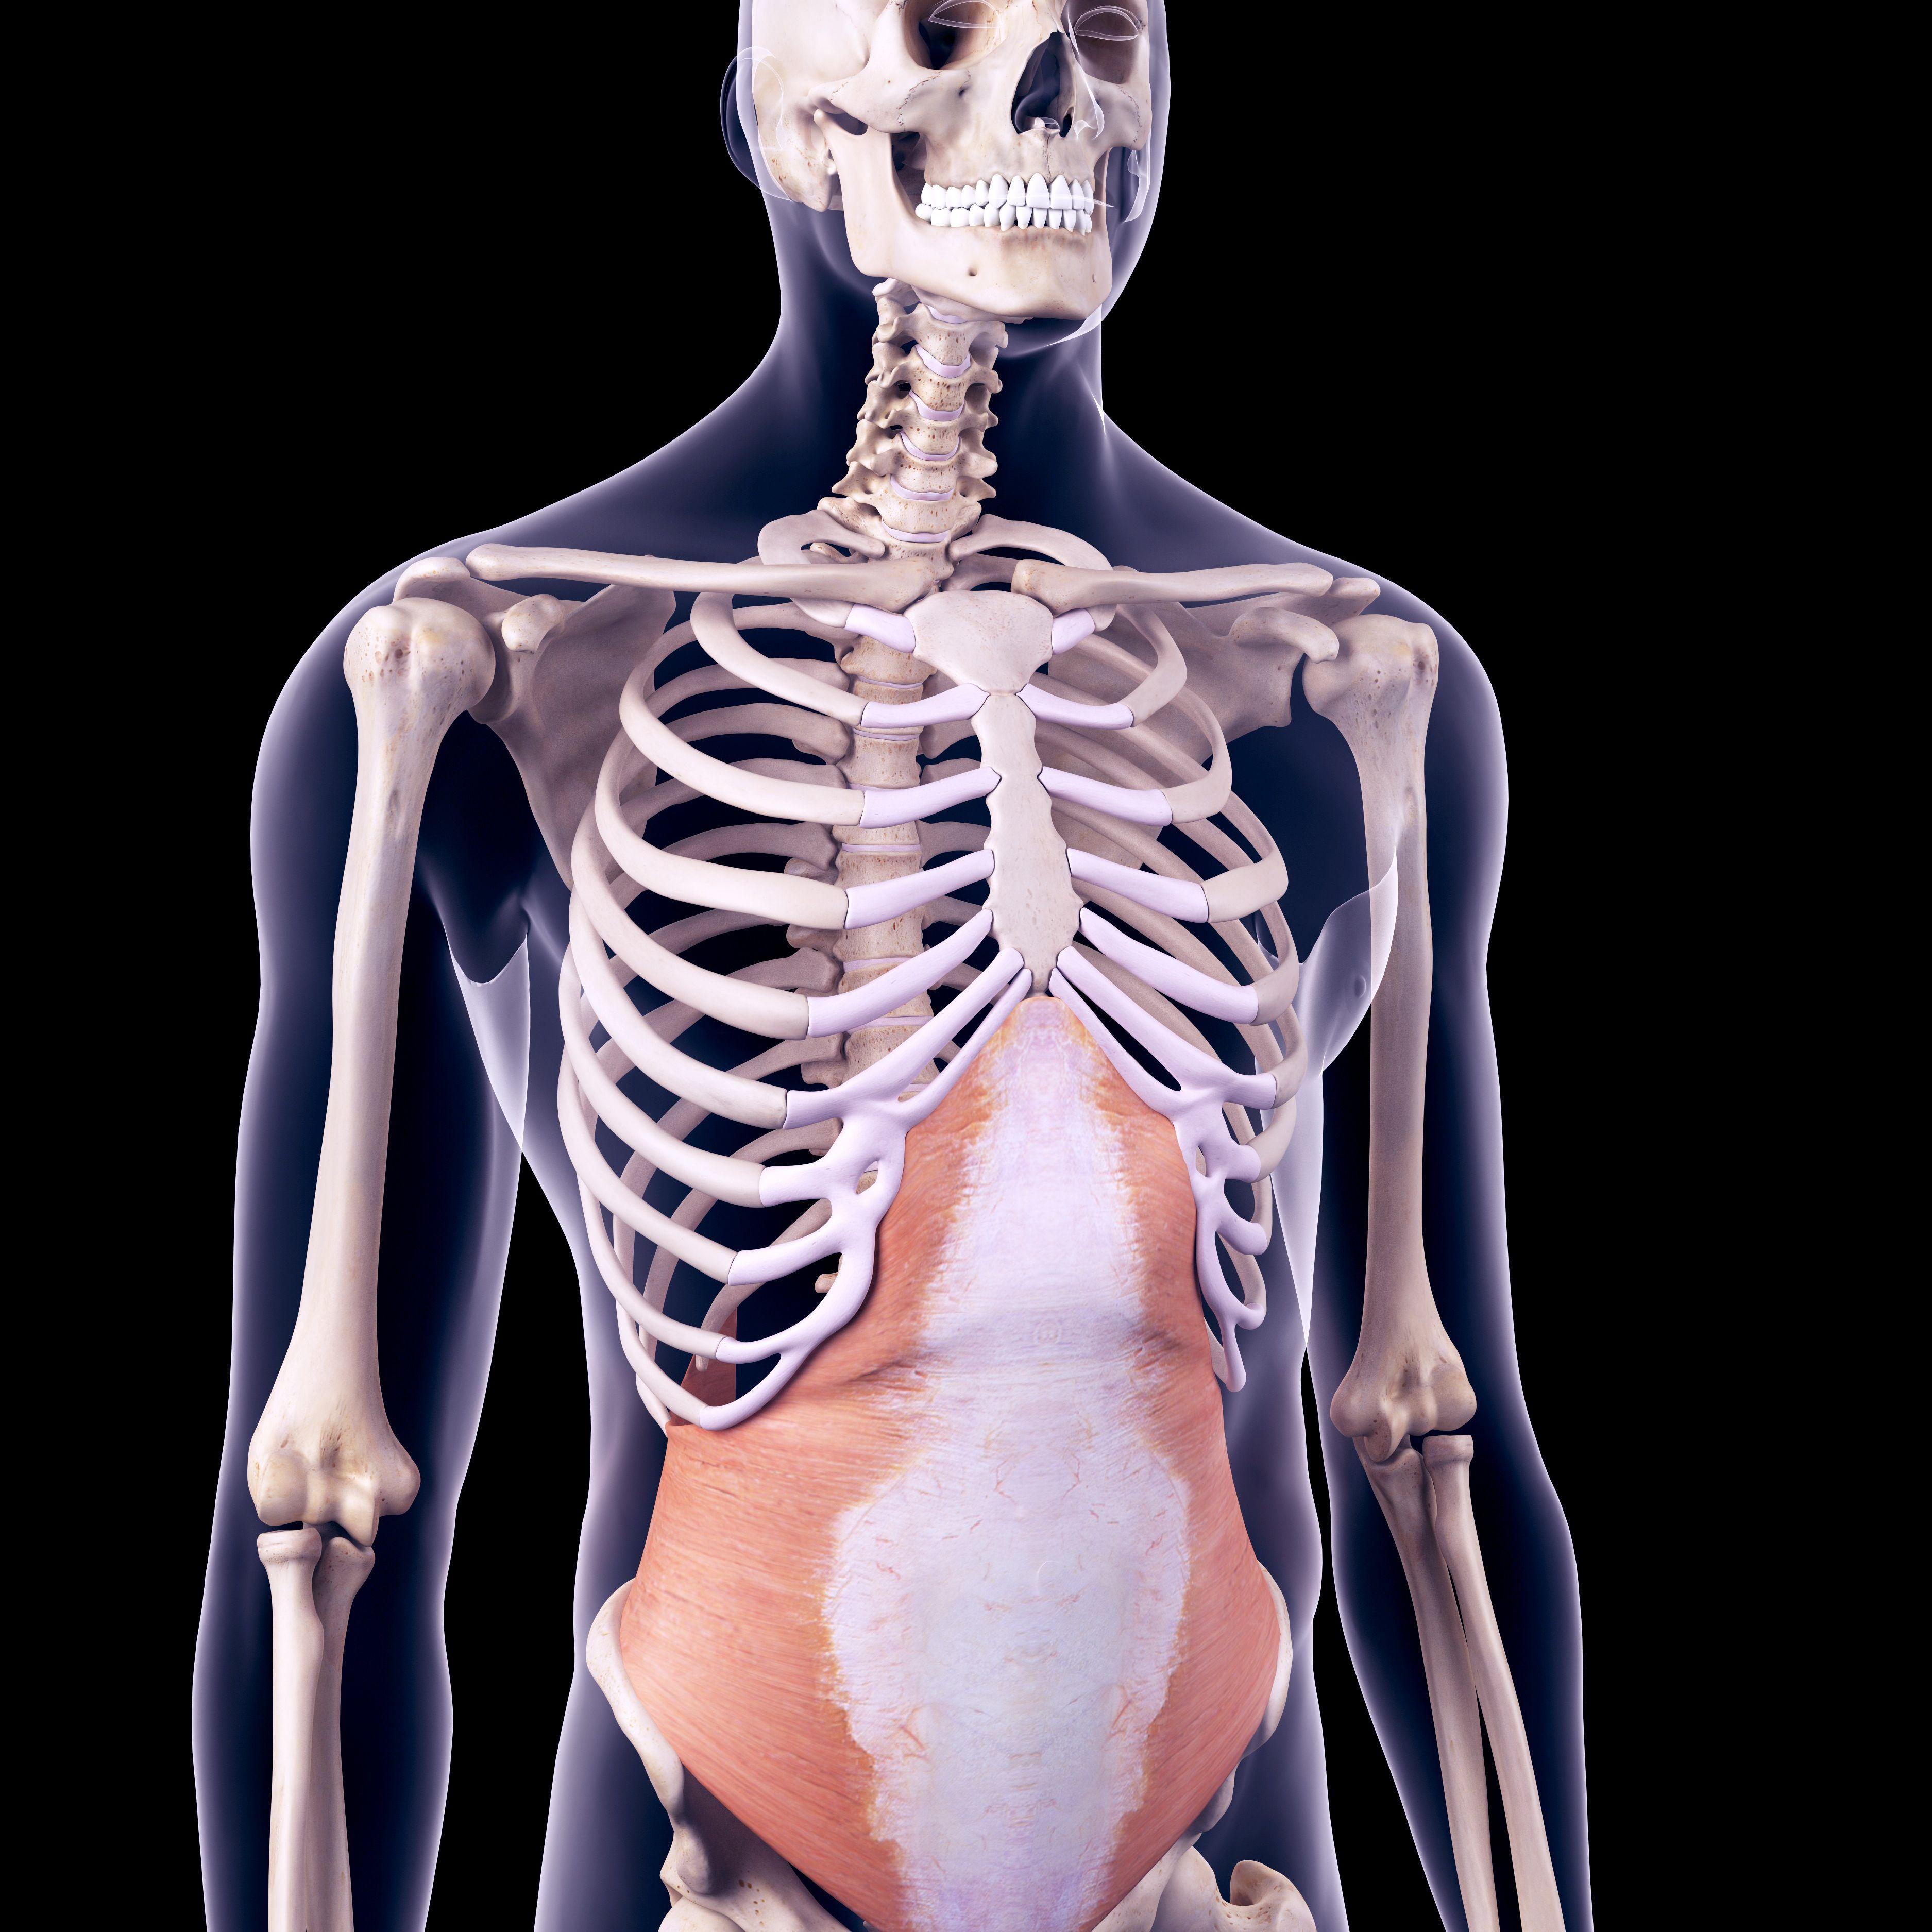 Músculo transverso del abdomen